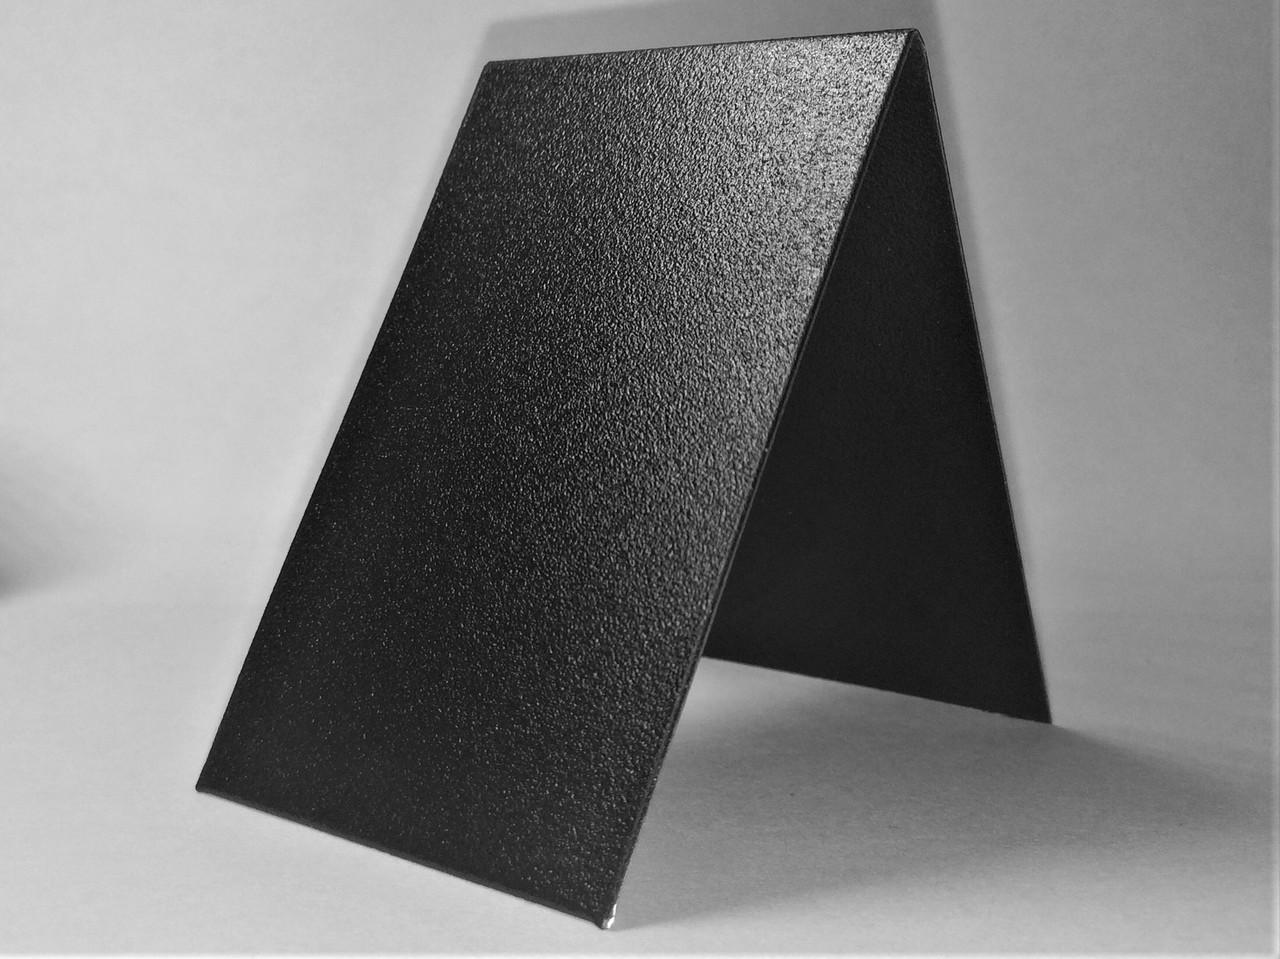 Меловой ценник А6 15х10 см V-образный двухсторонний вертикальный (для мела и мелового маркера) грифельный